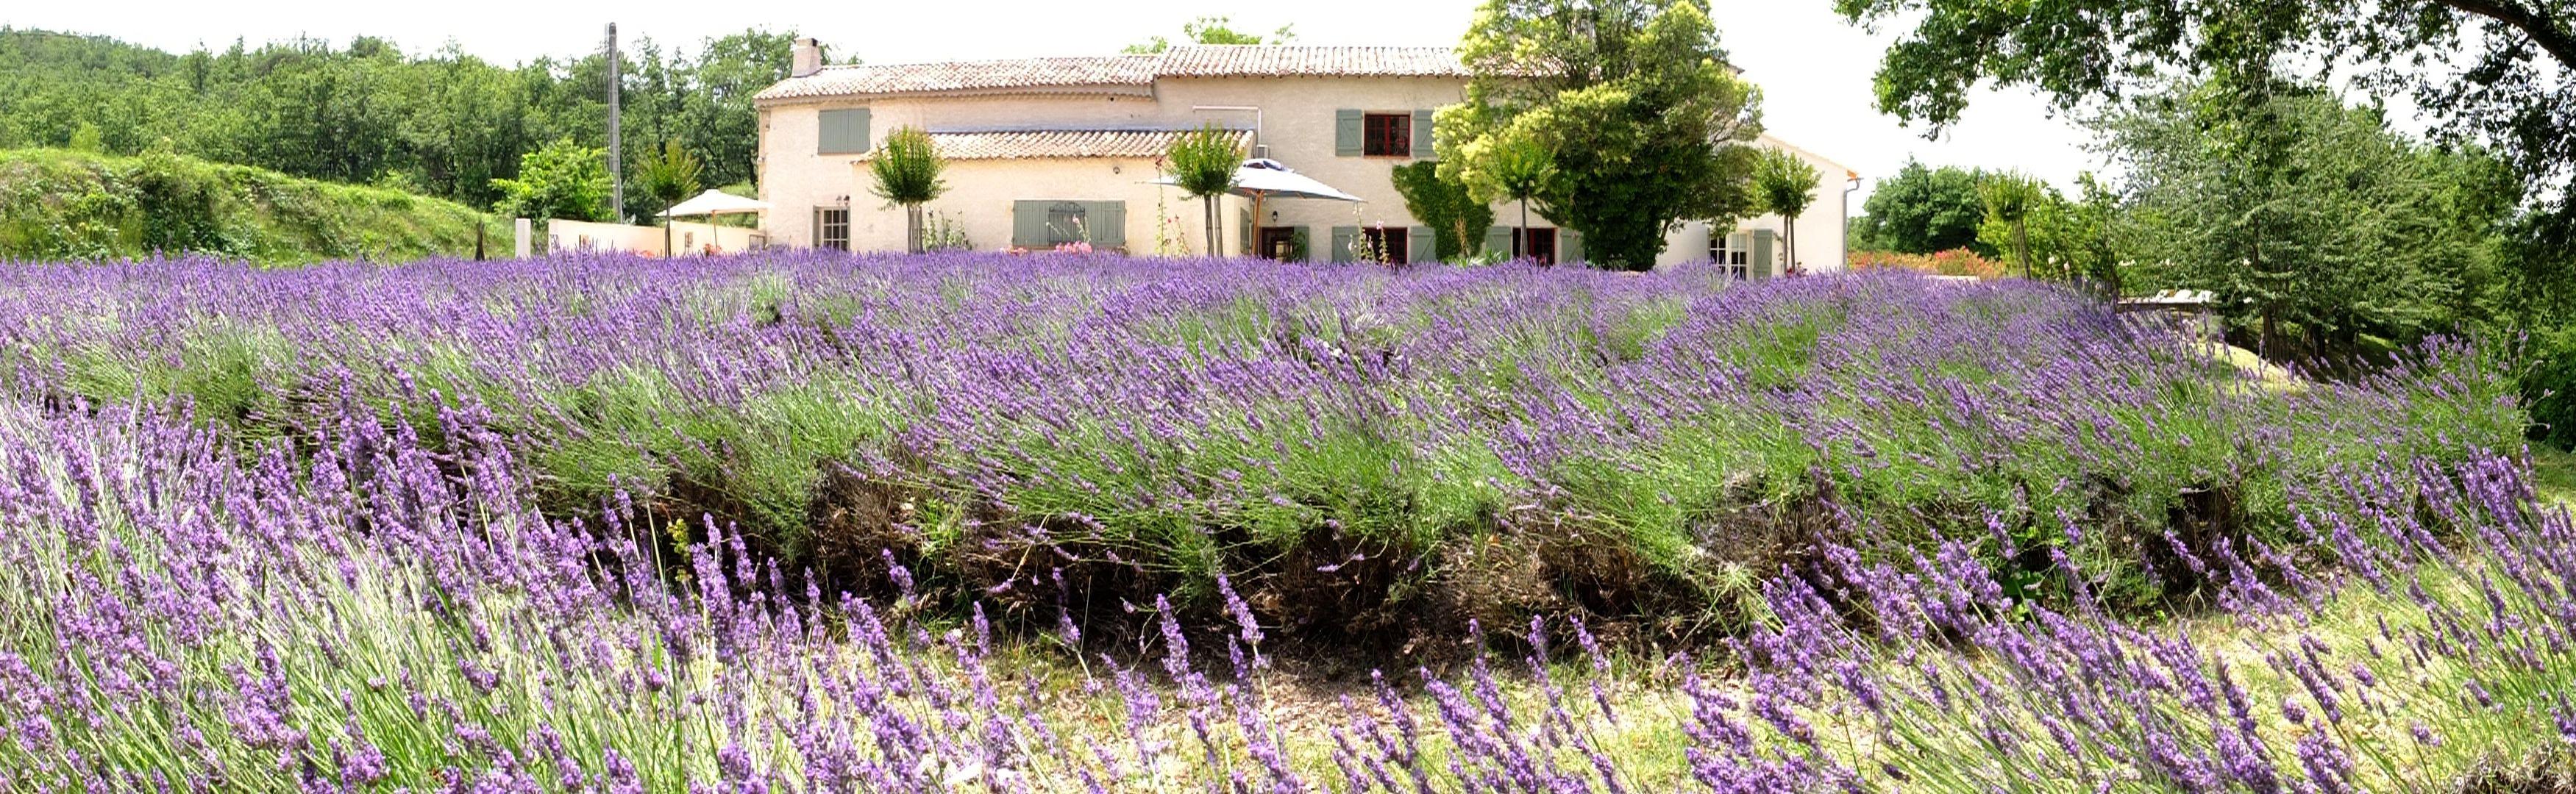 Charmehotel inmitten Lavendelfelder in Südfrankreich